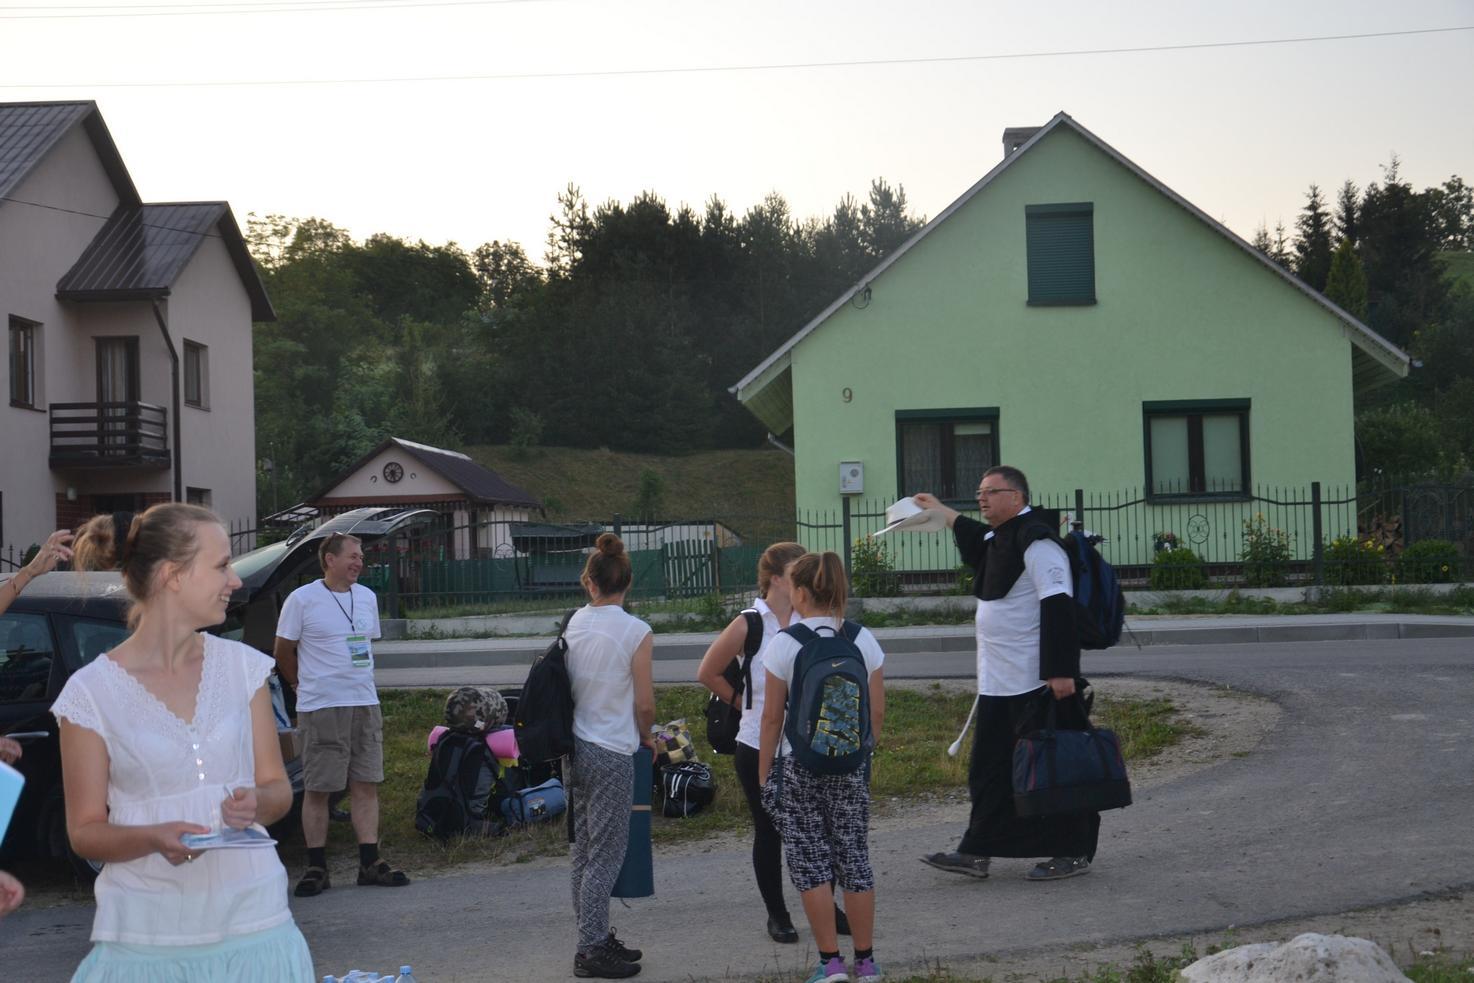 15 Piesza Pielgrzymka Krosno - Kalwaria Pacławska - dzień czwarty 12 sierpnia 2017 (01)